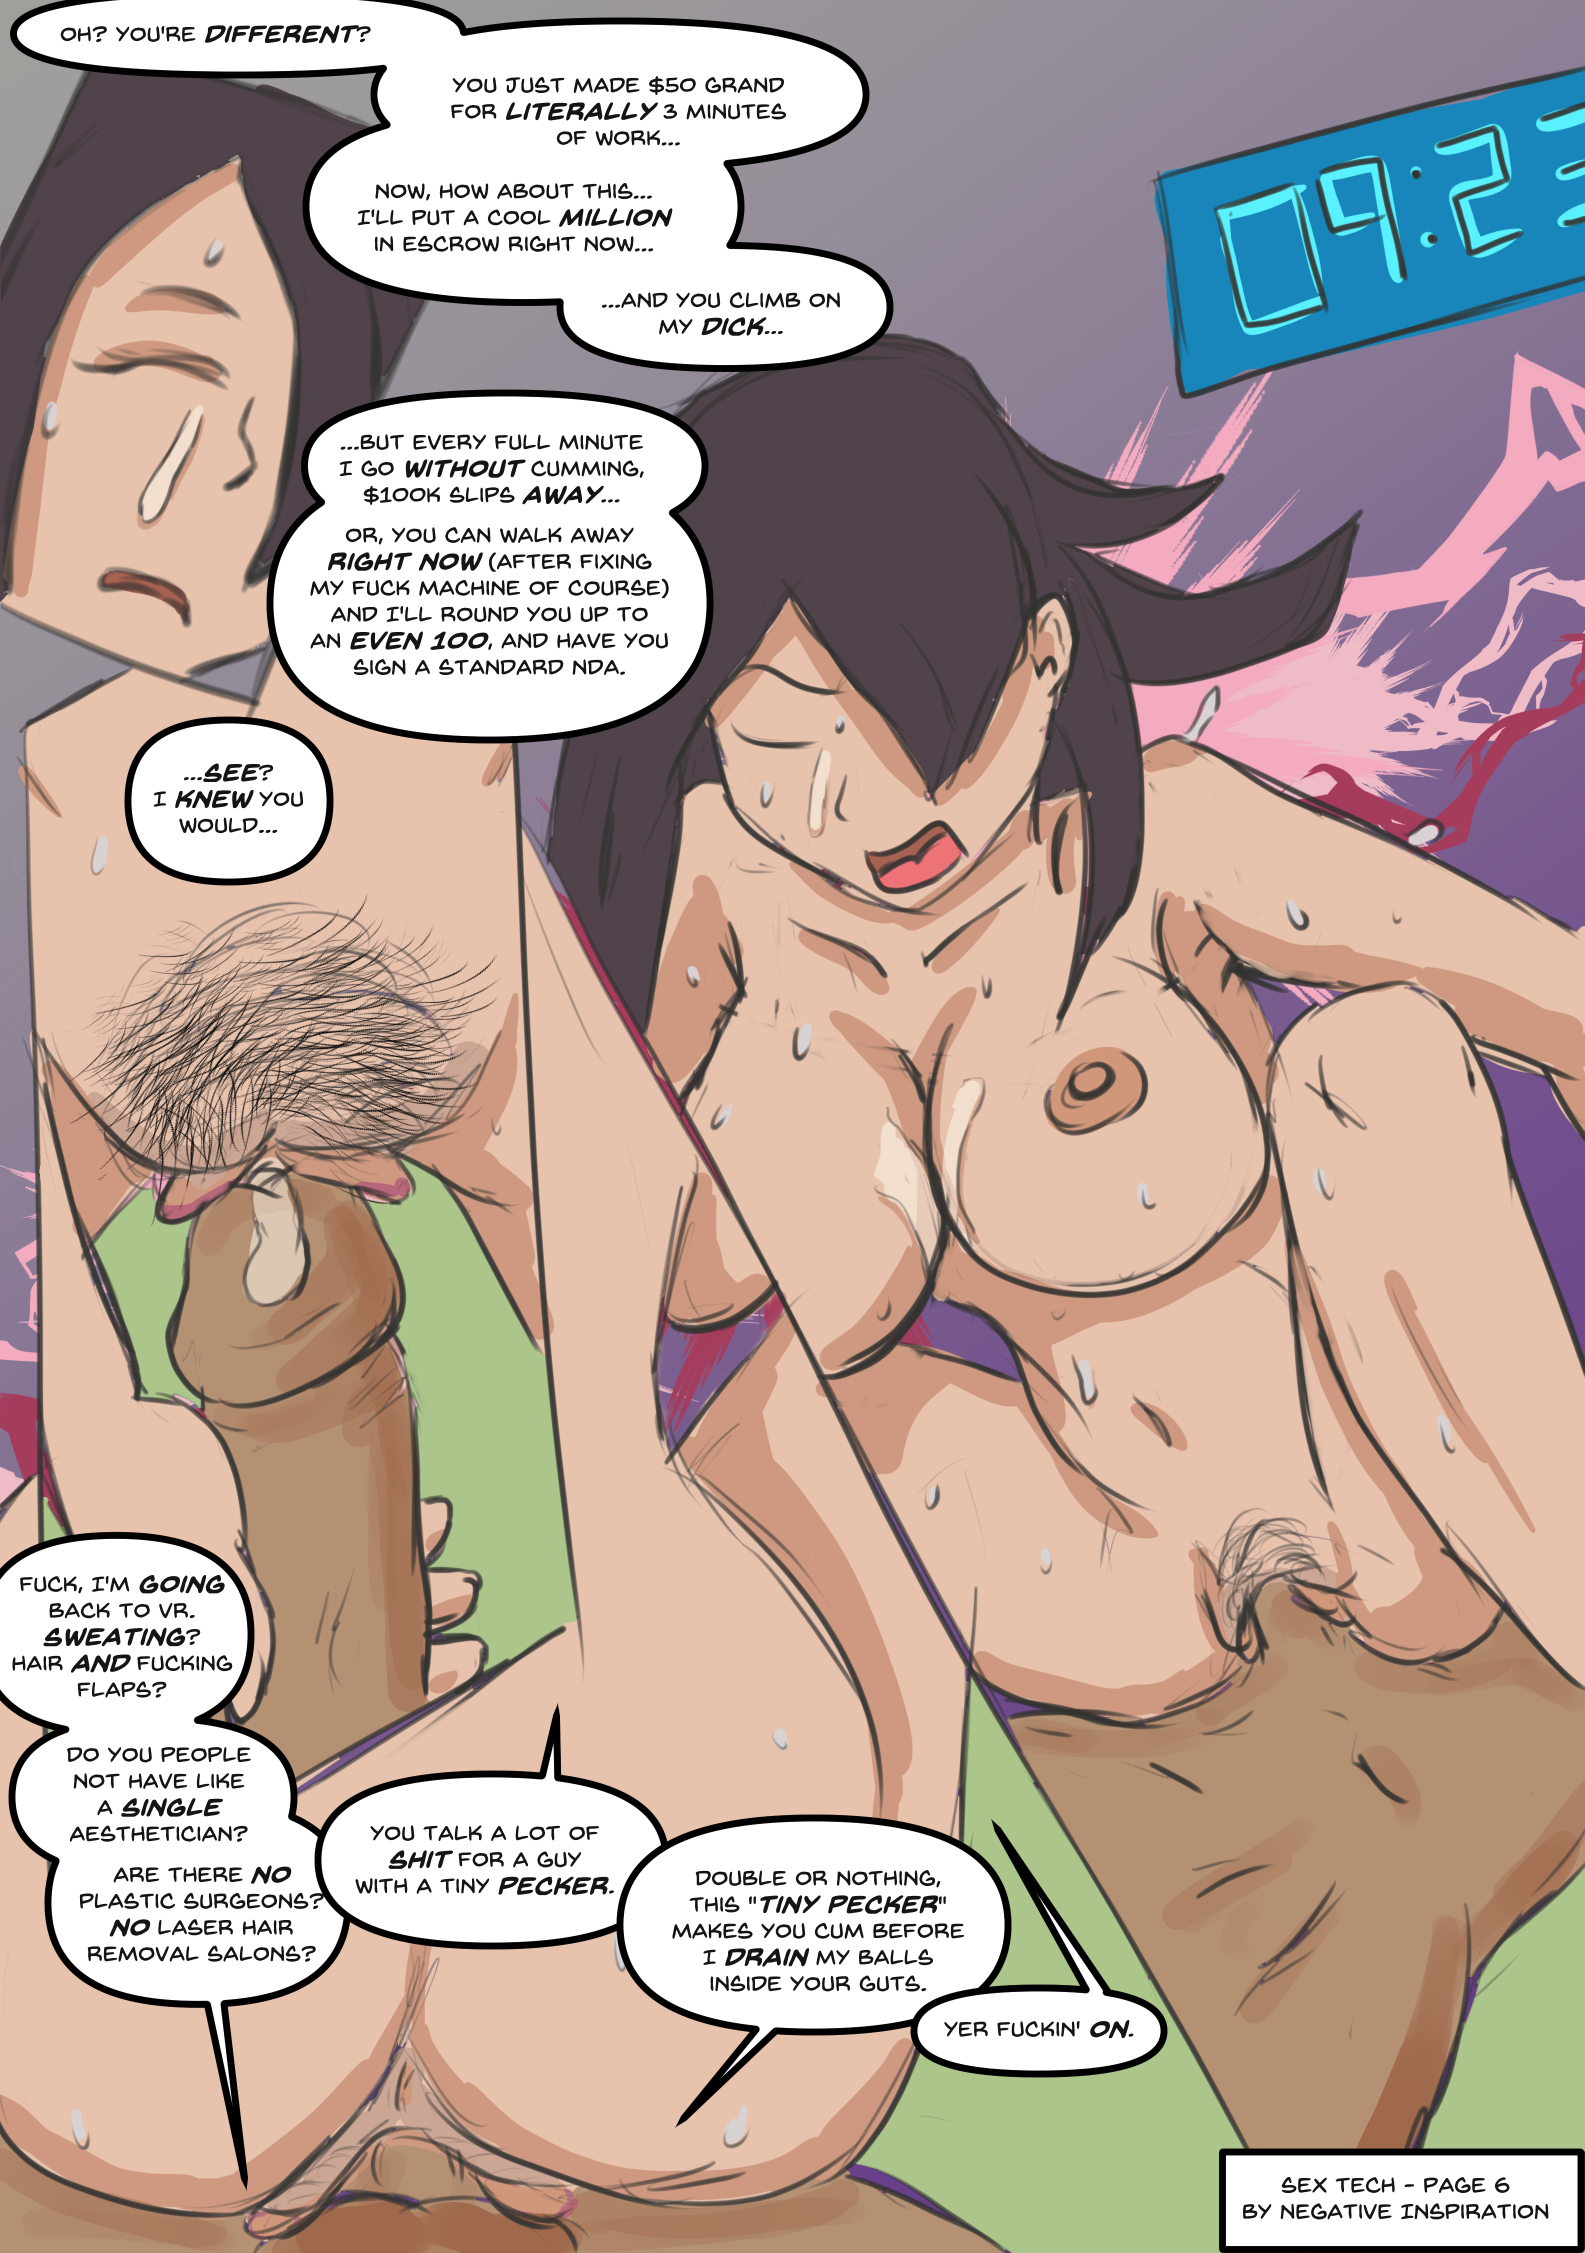 Sextech 06